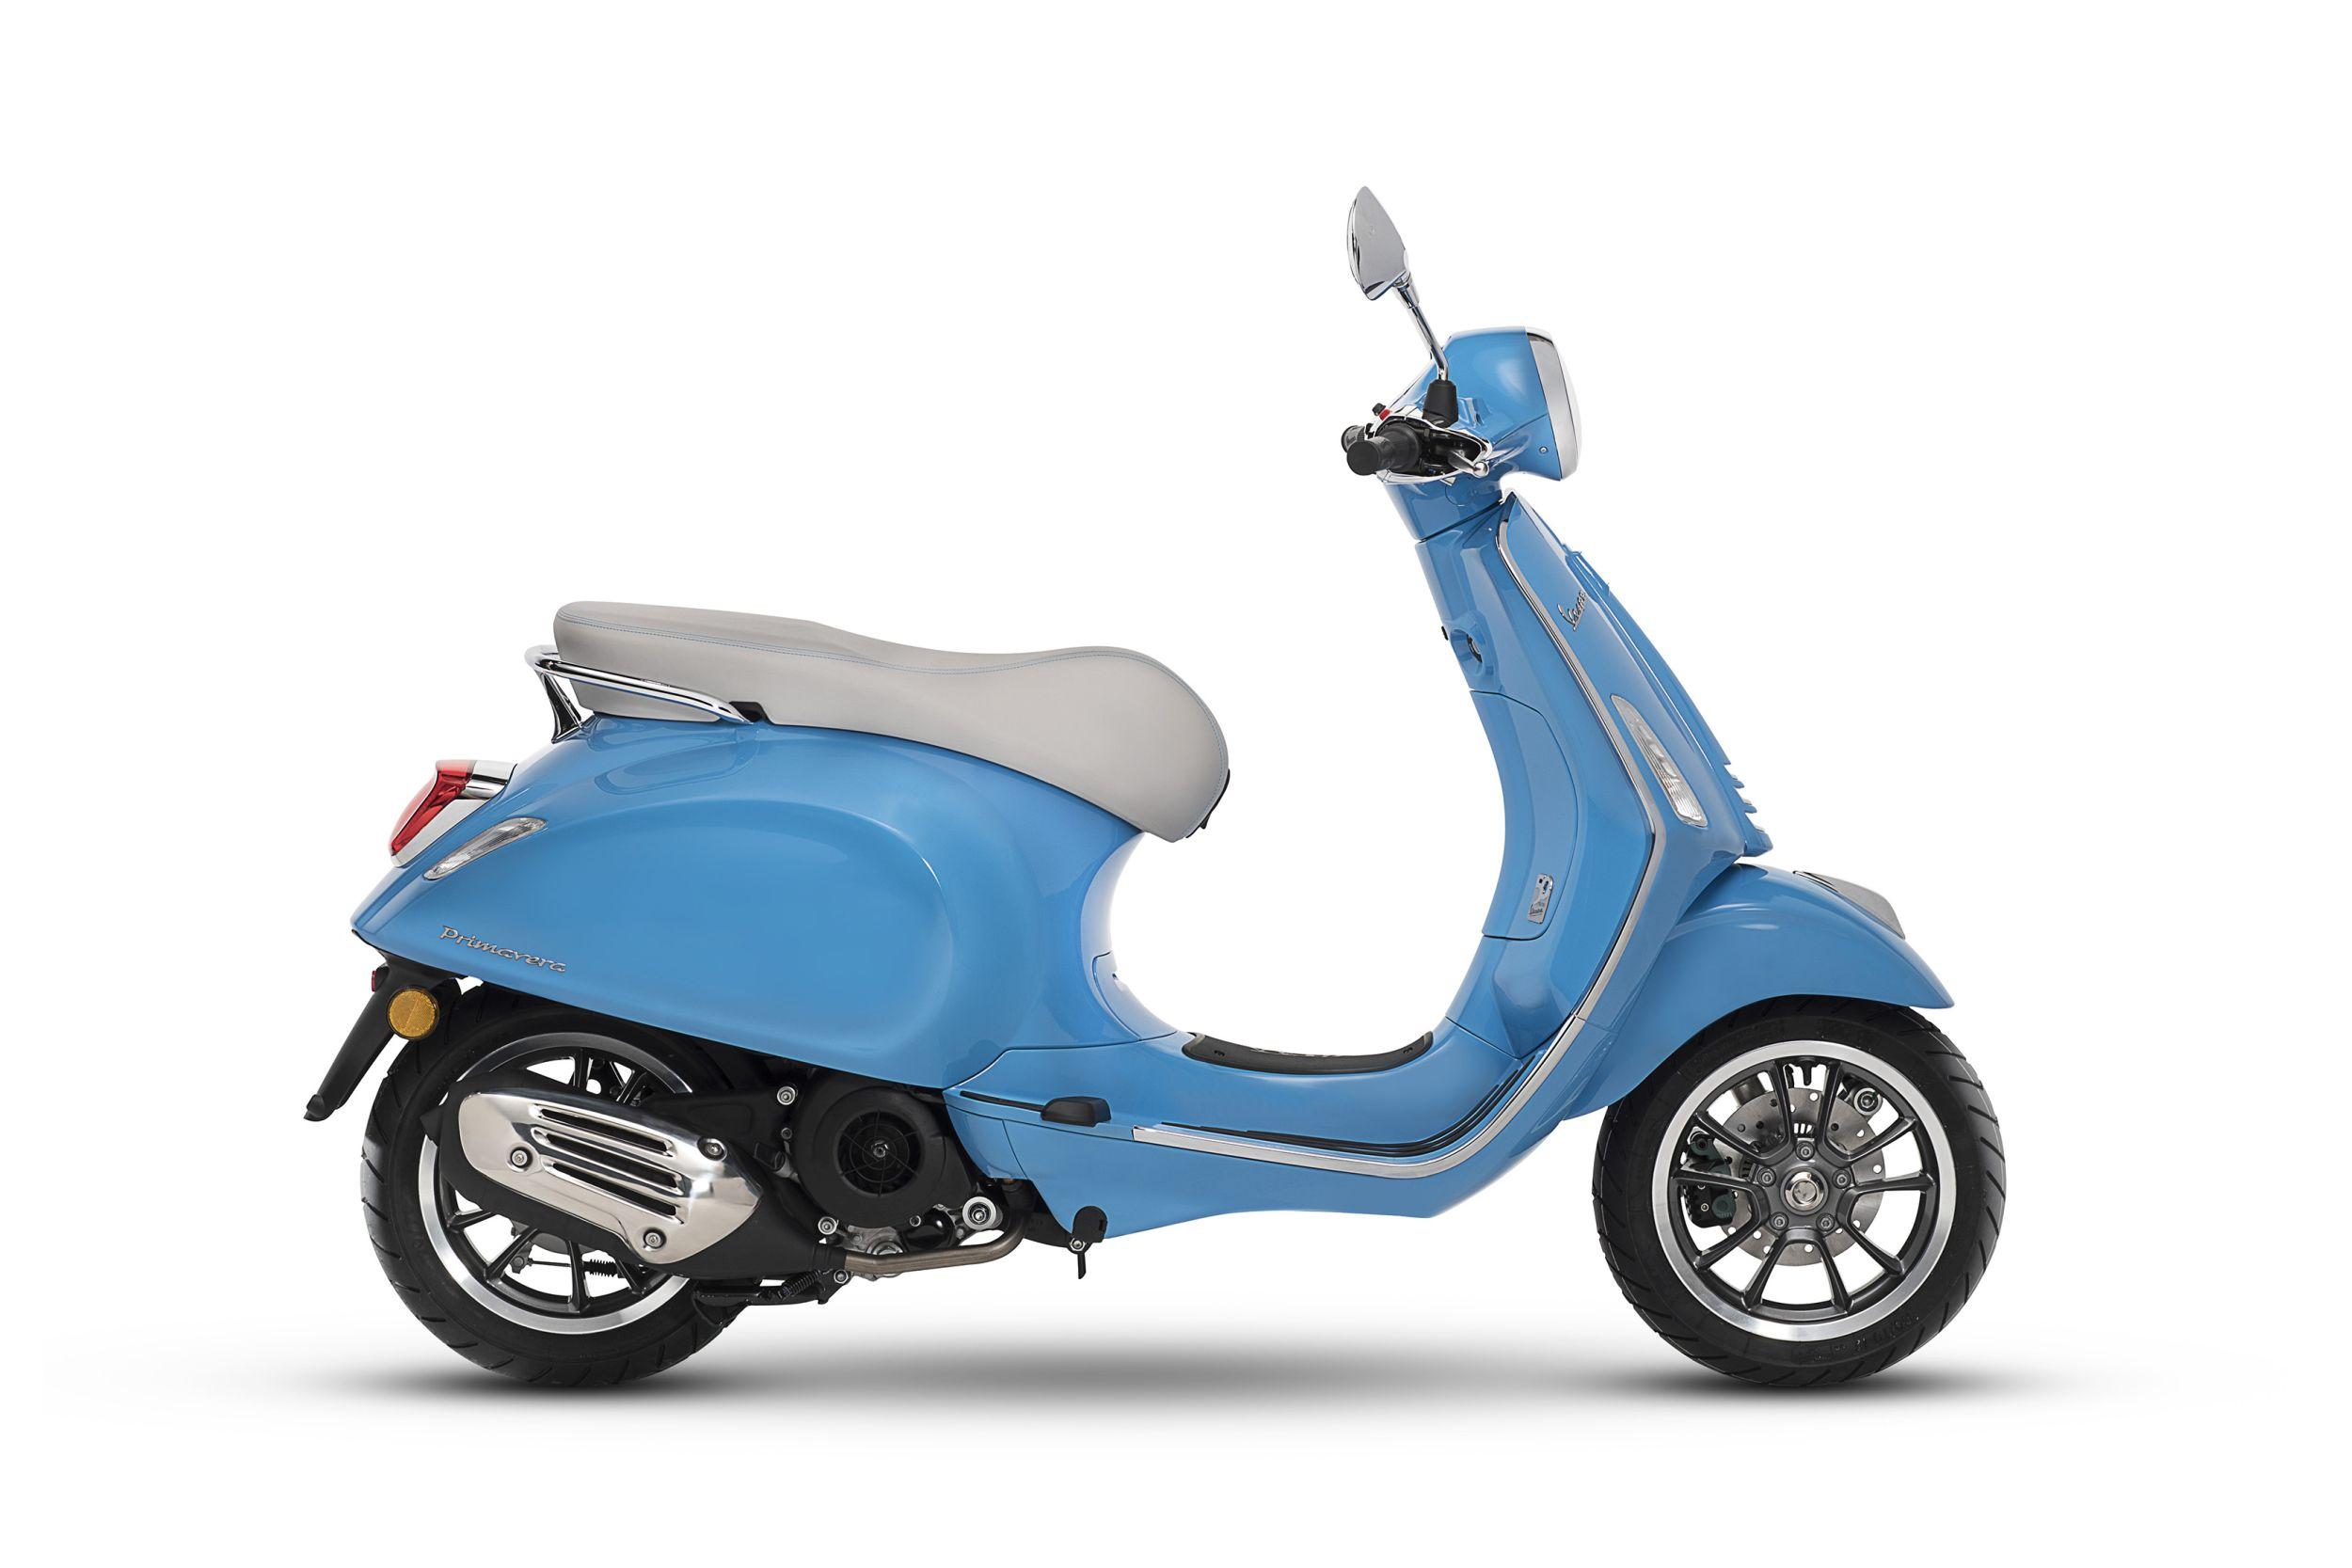 Gebrauchte Und Neue Vespa Primavera 50 2T Motorrader Kaufen